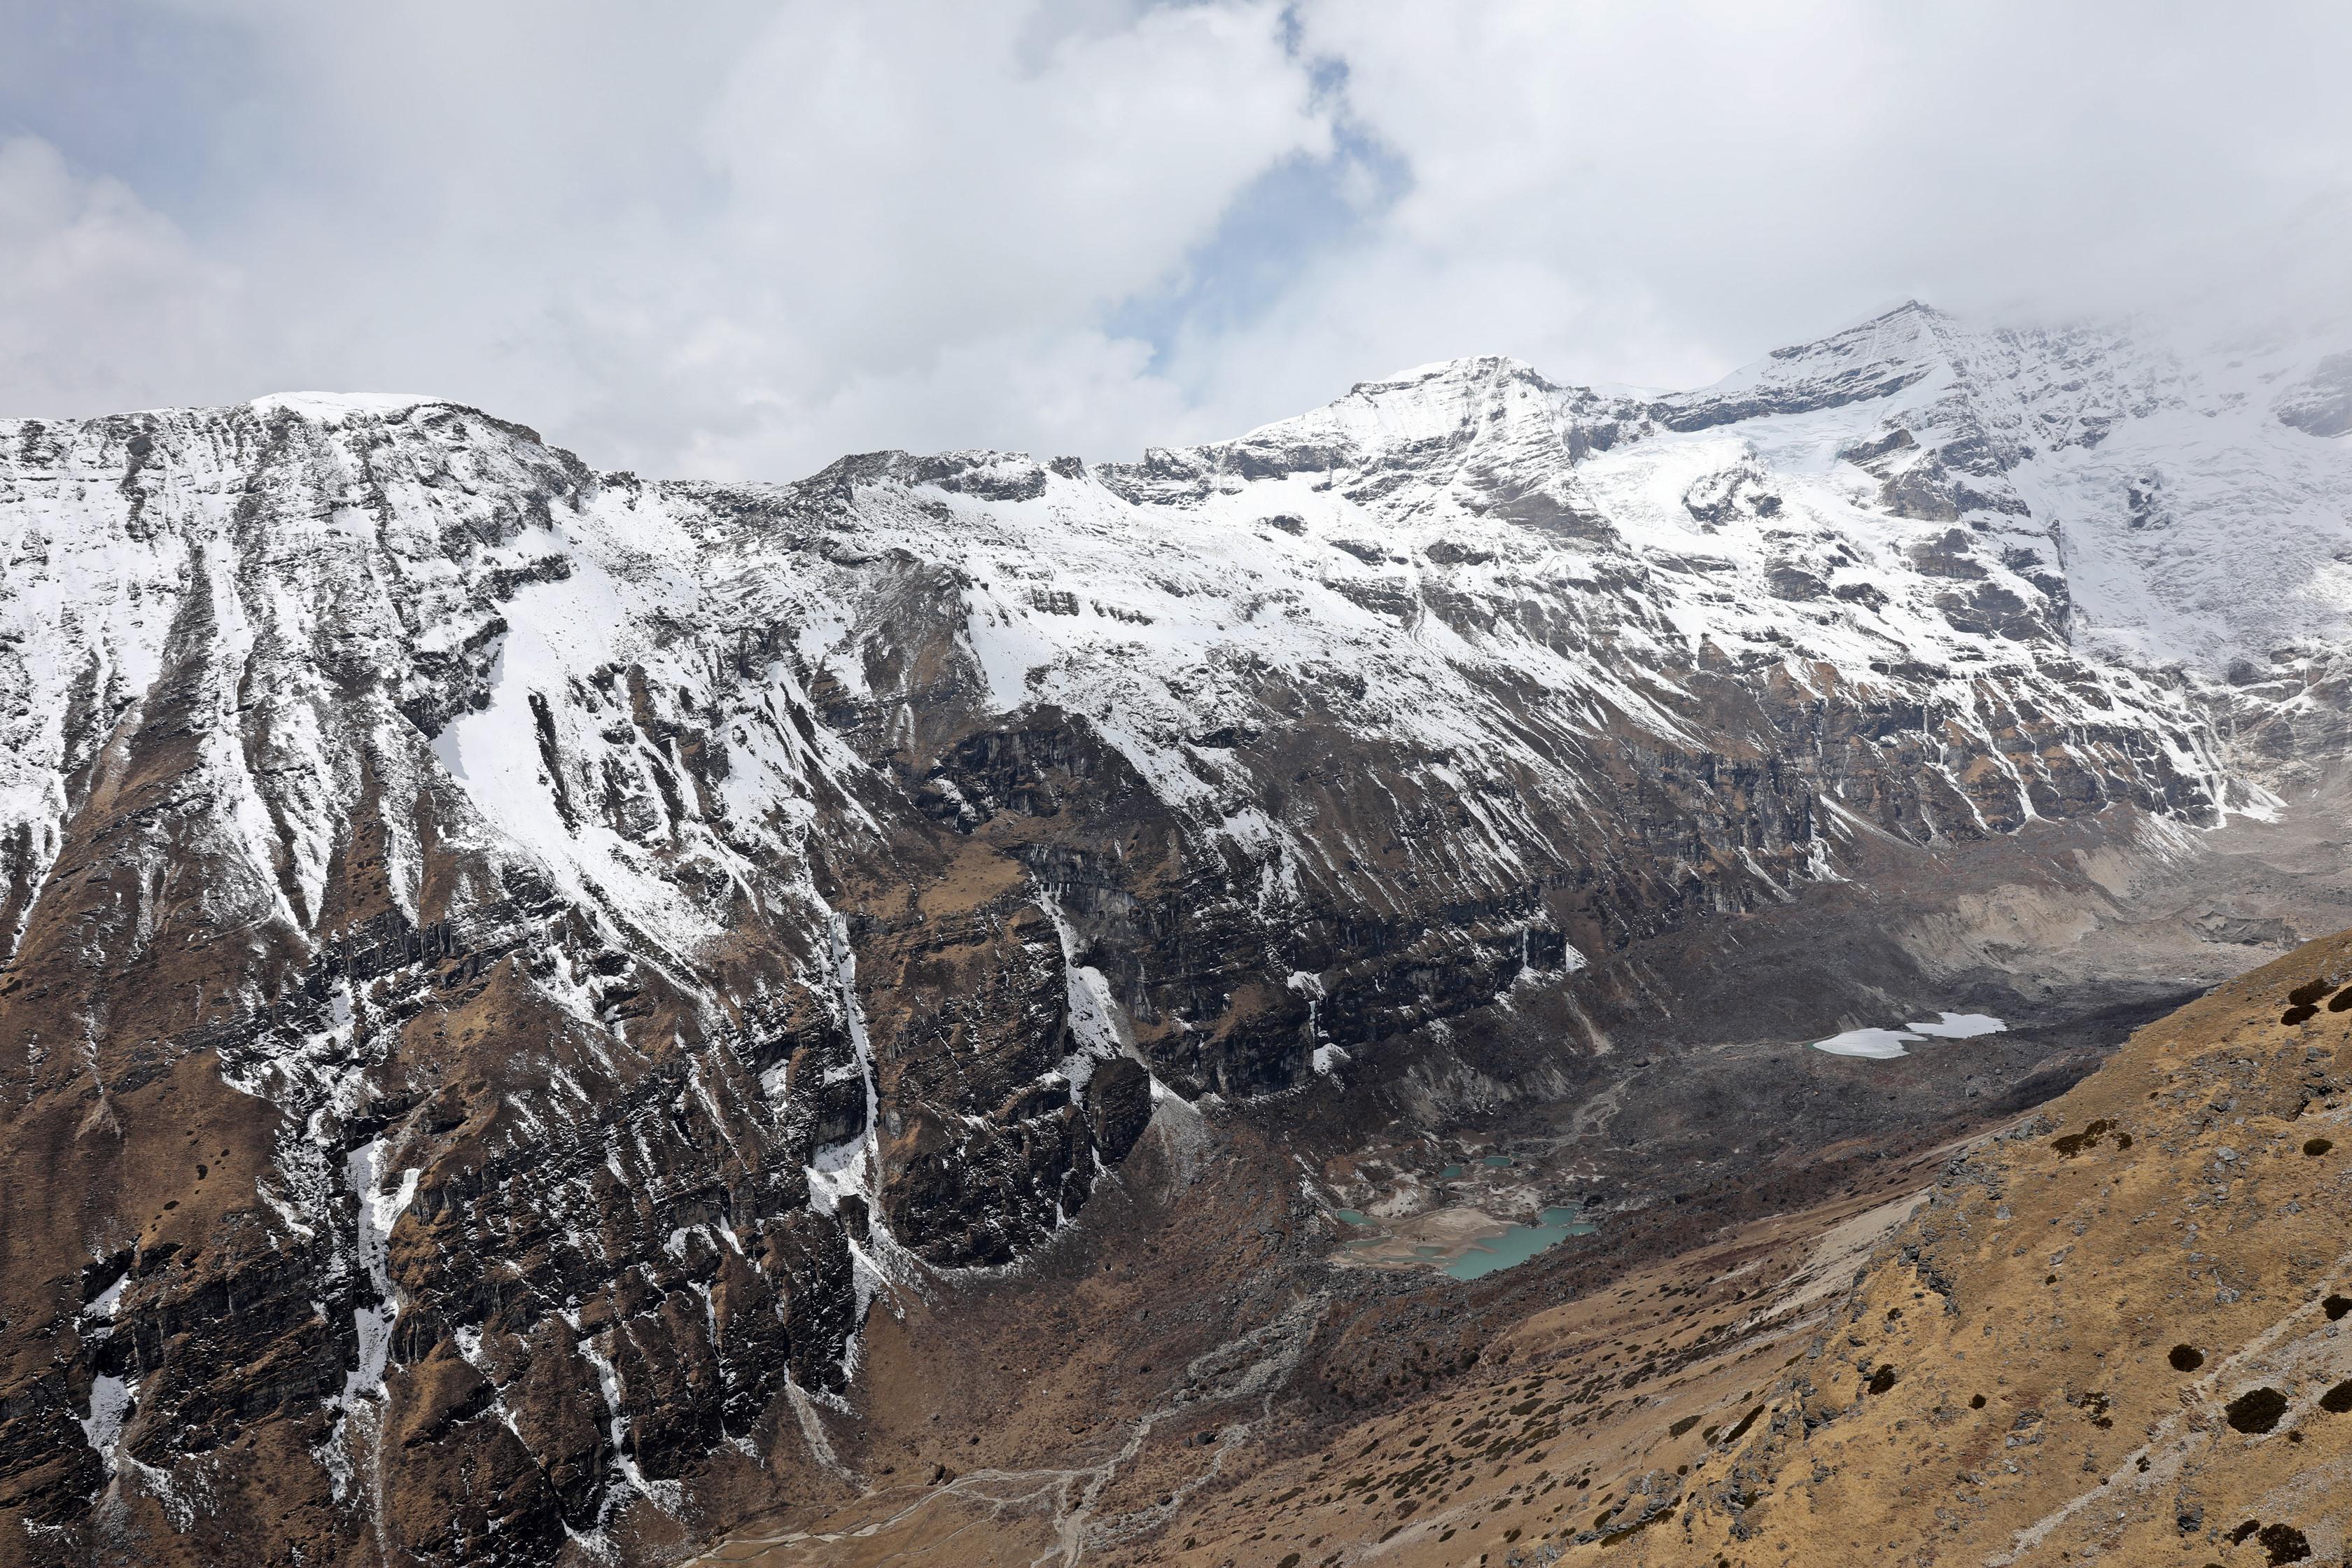 Mt Jumolhari and its moraine lakes